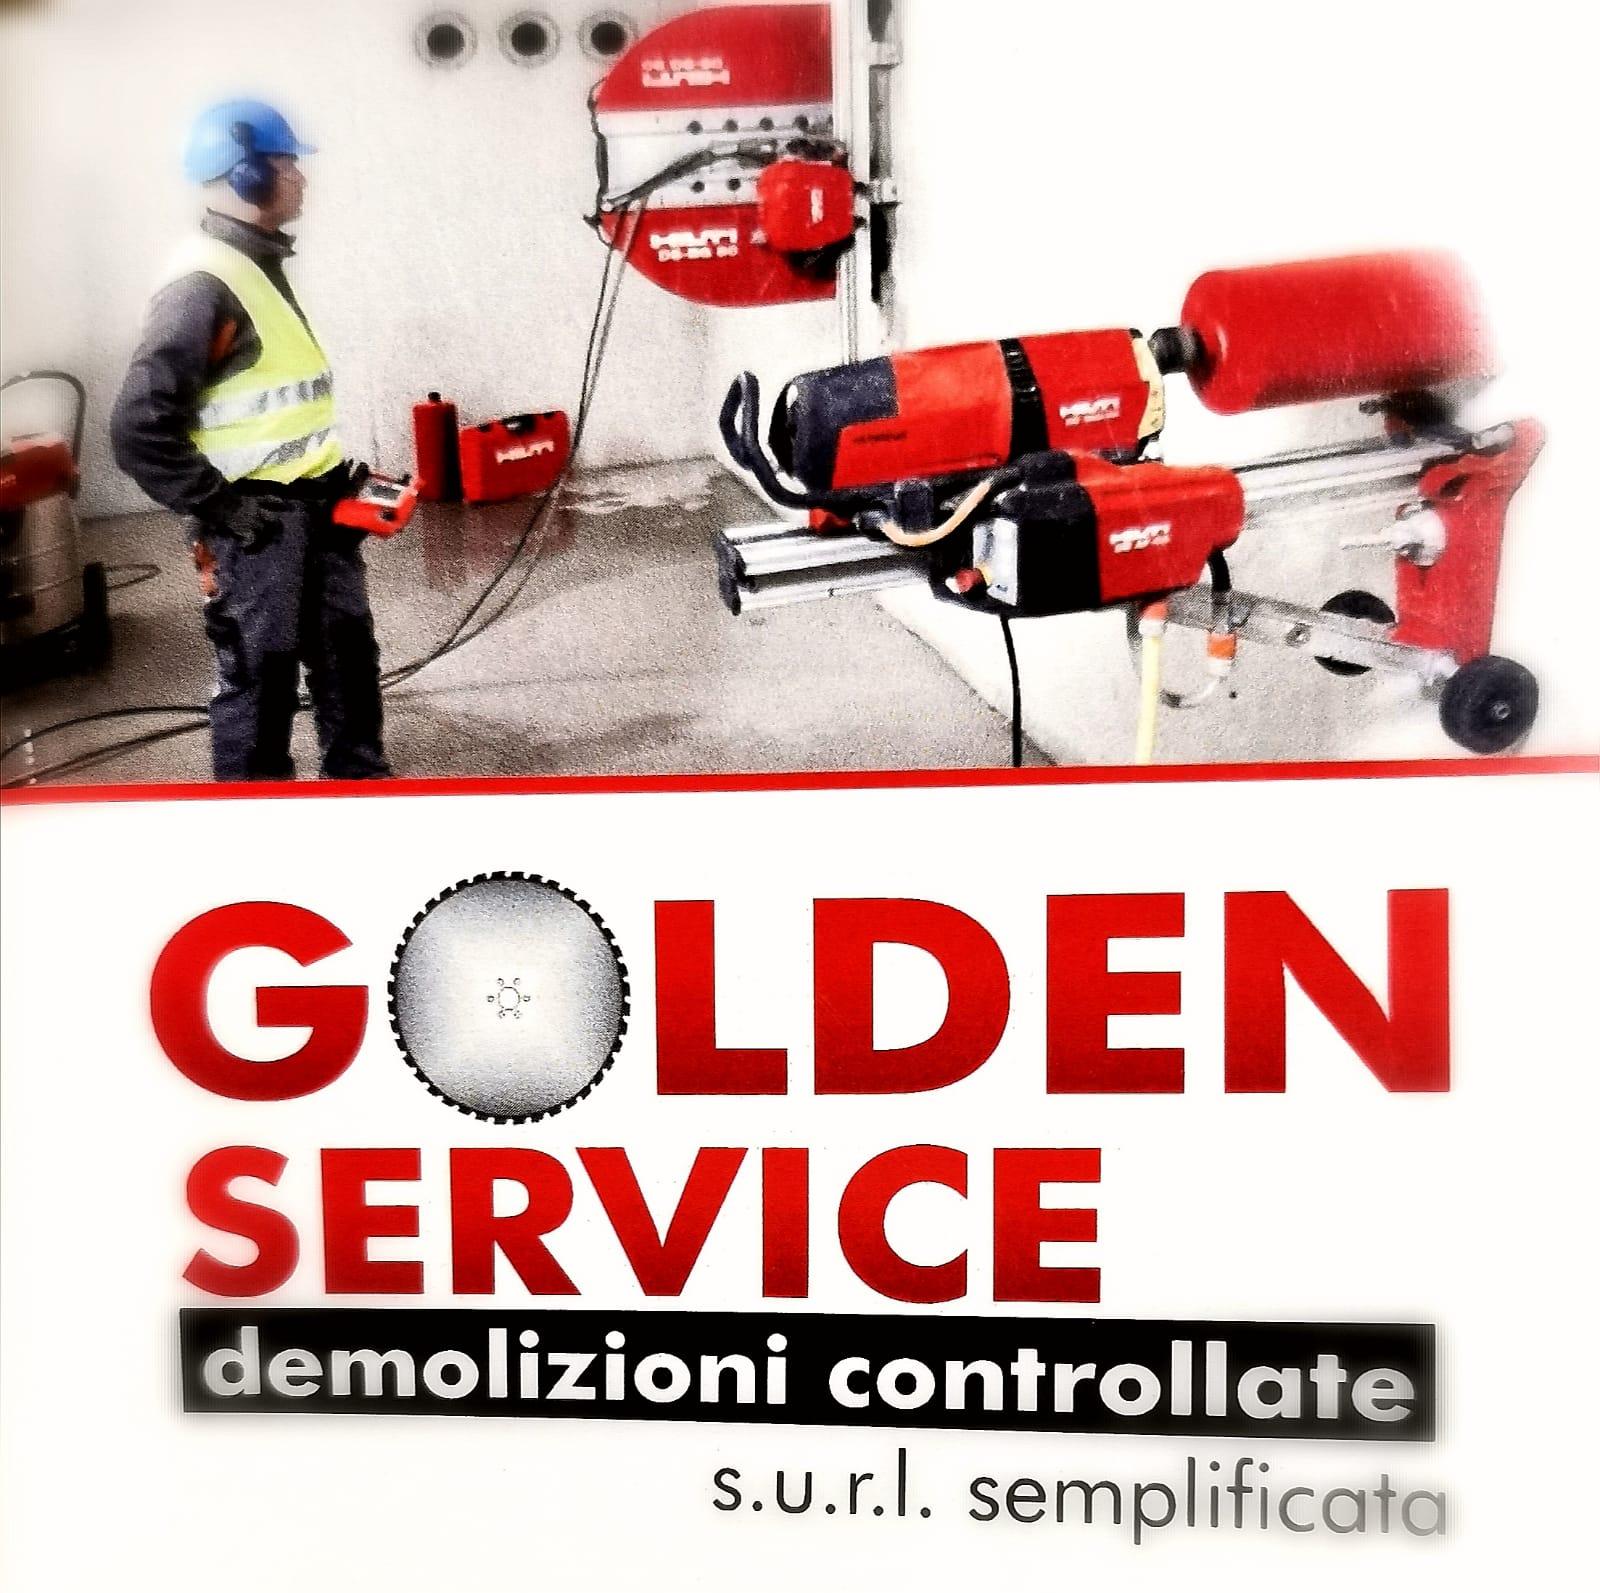 GOLDEN SERVICE Demolizione Controllata S.U.R.L. Semplificata